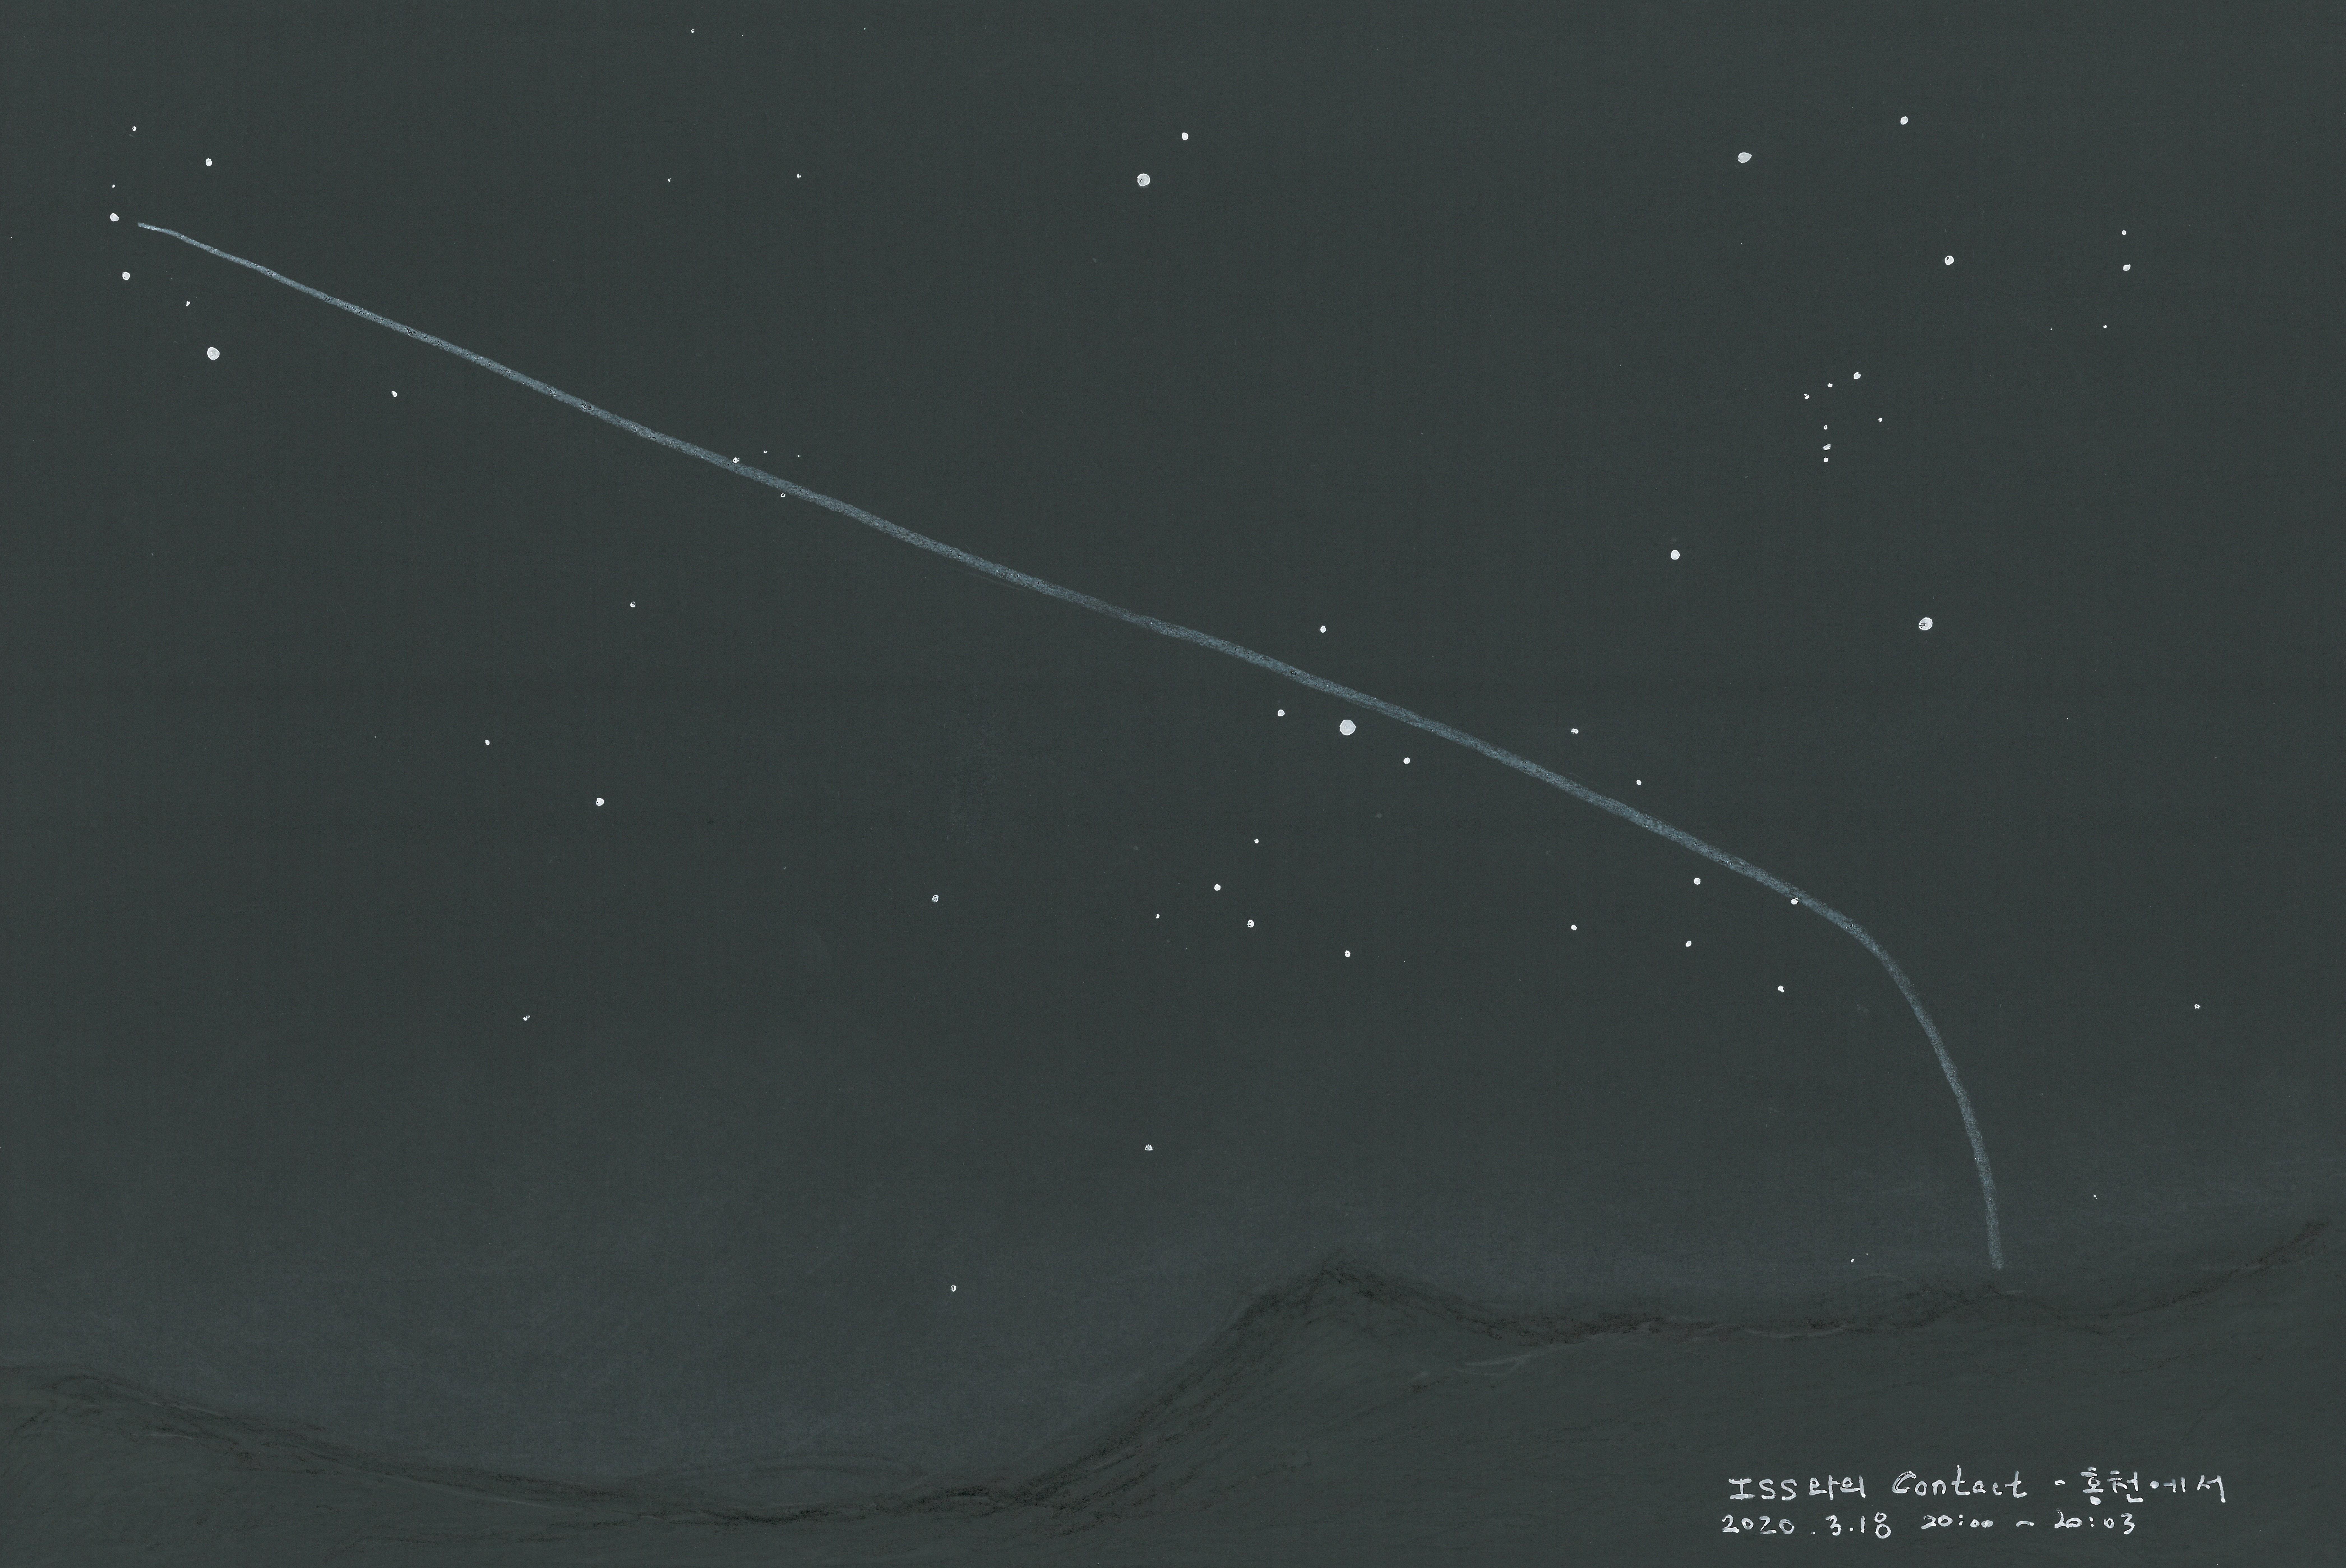 ISS 0318.jpg